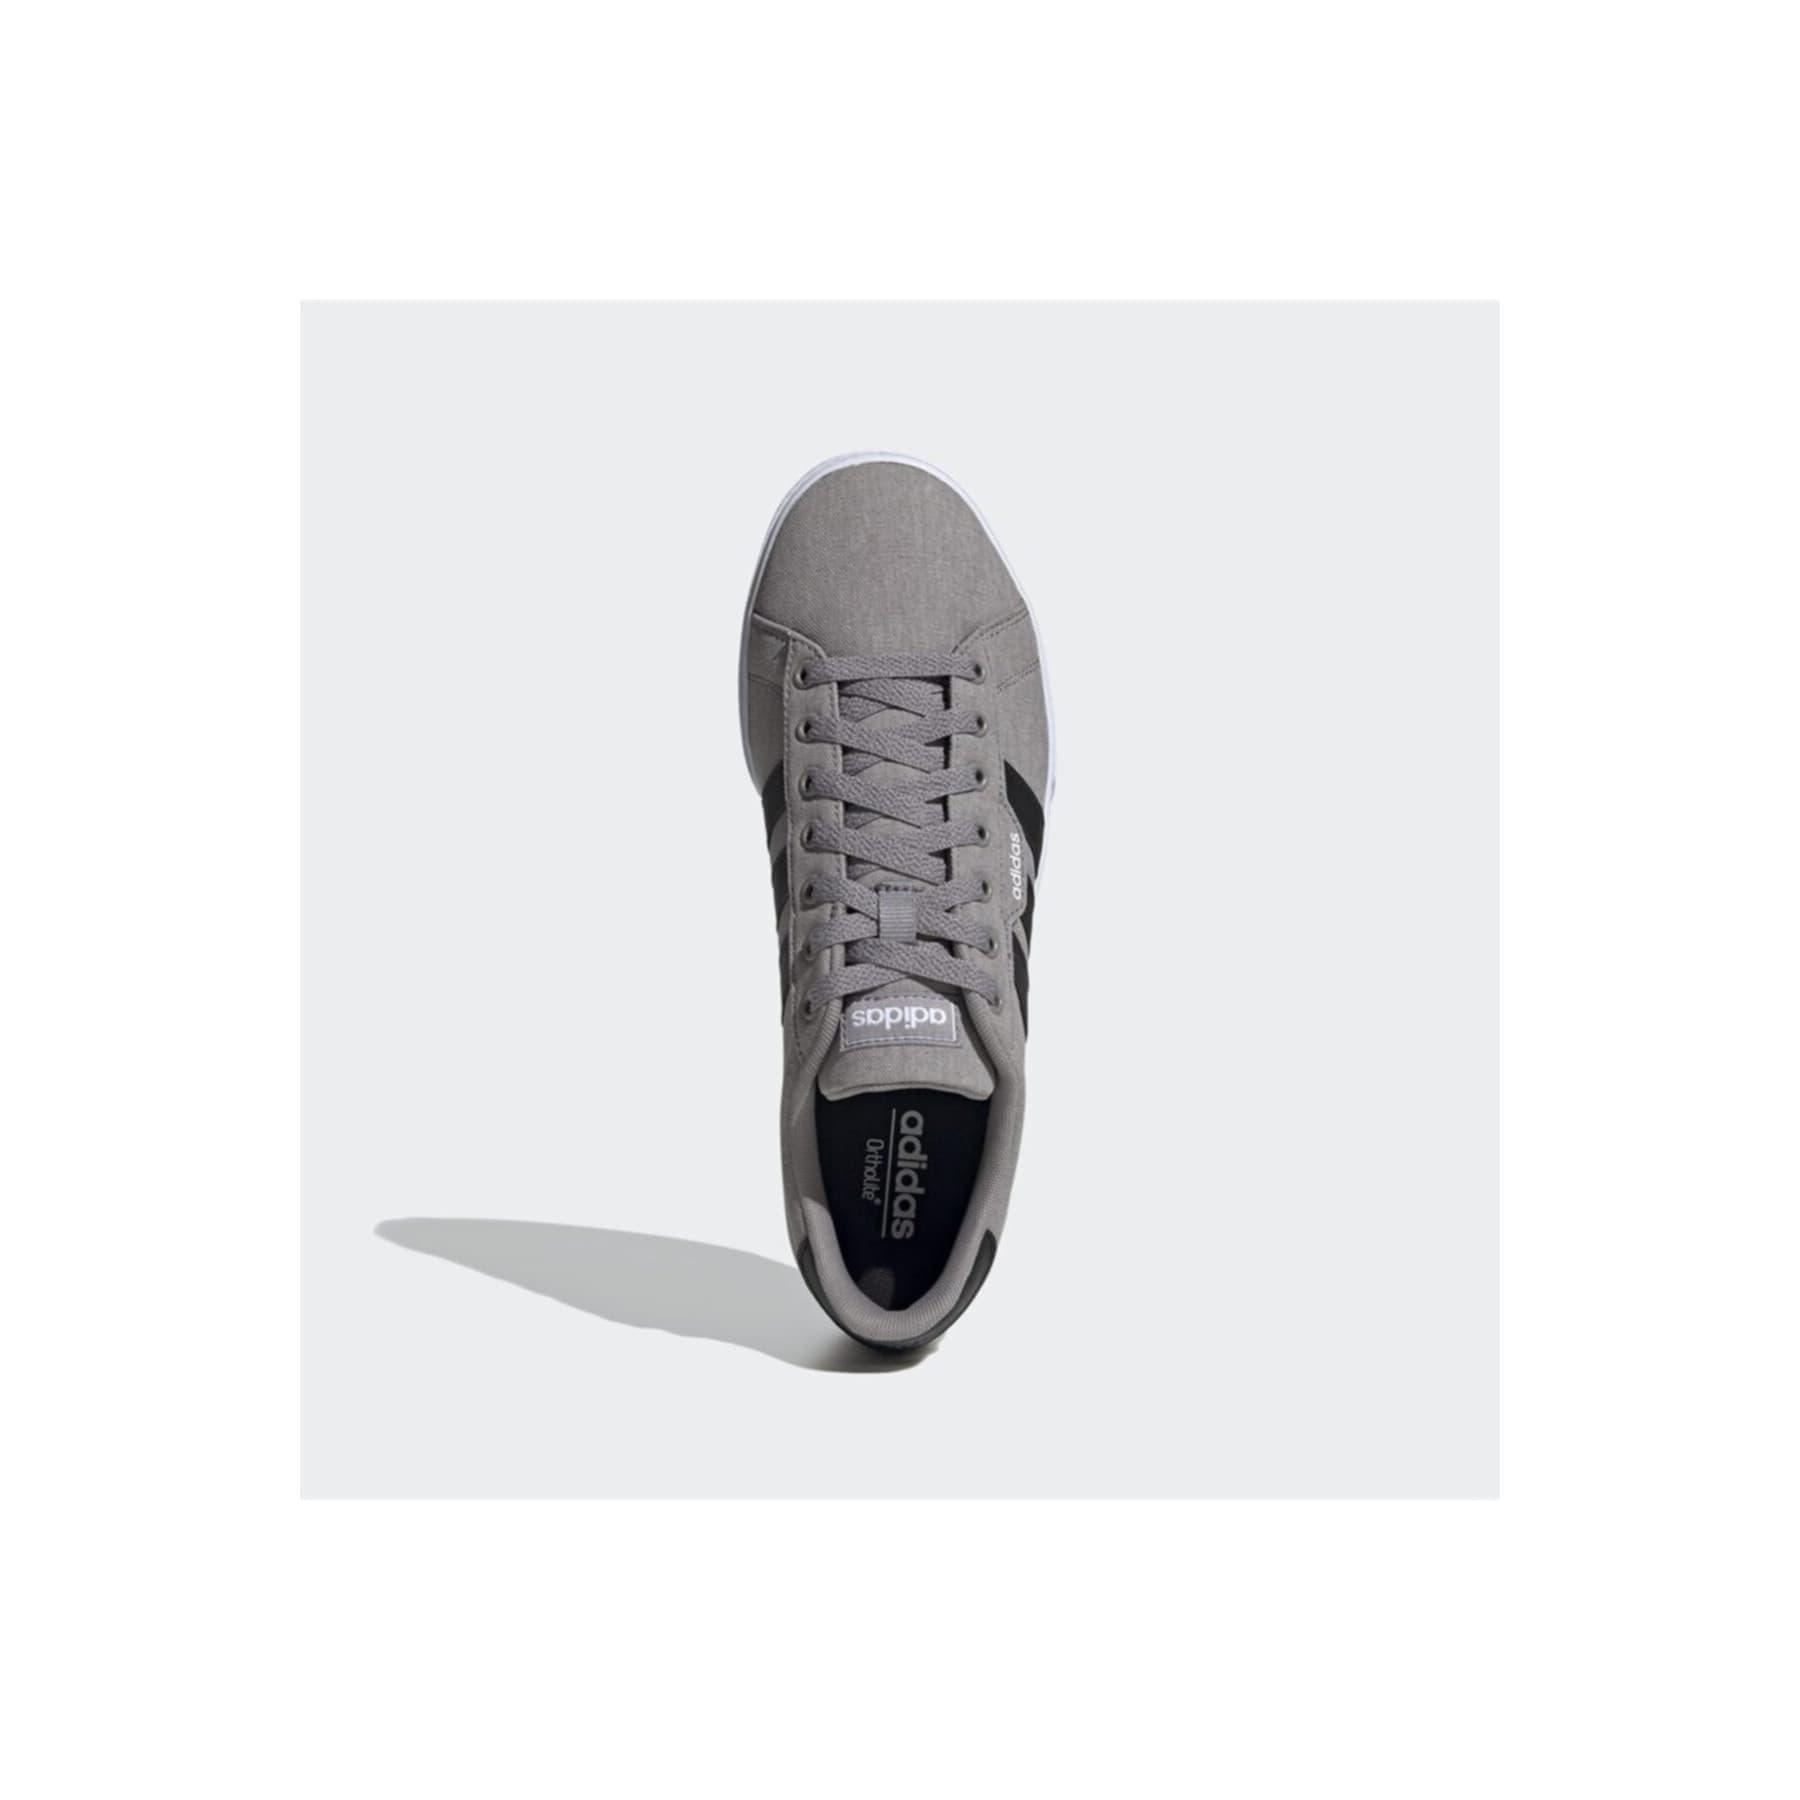 Daily 3.0 Erkek Gri Spor Ayakkabı (FW3270)